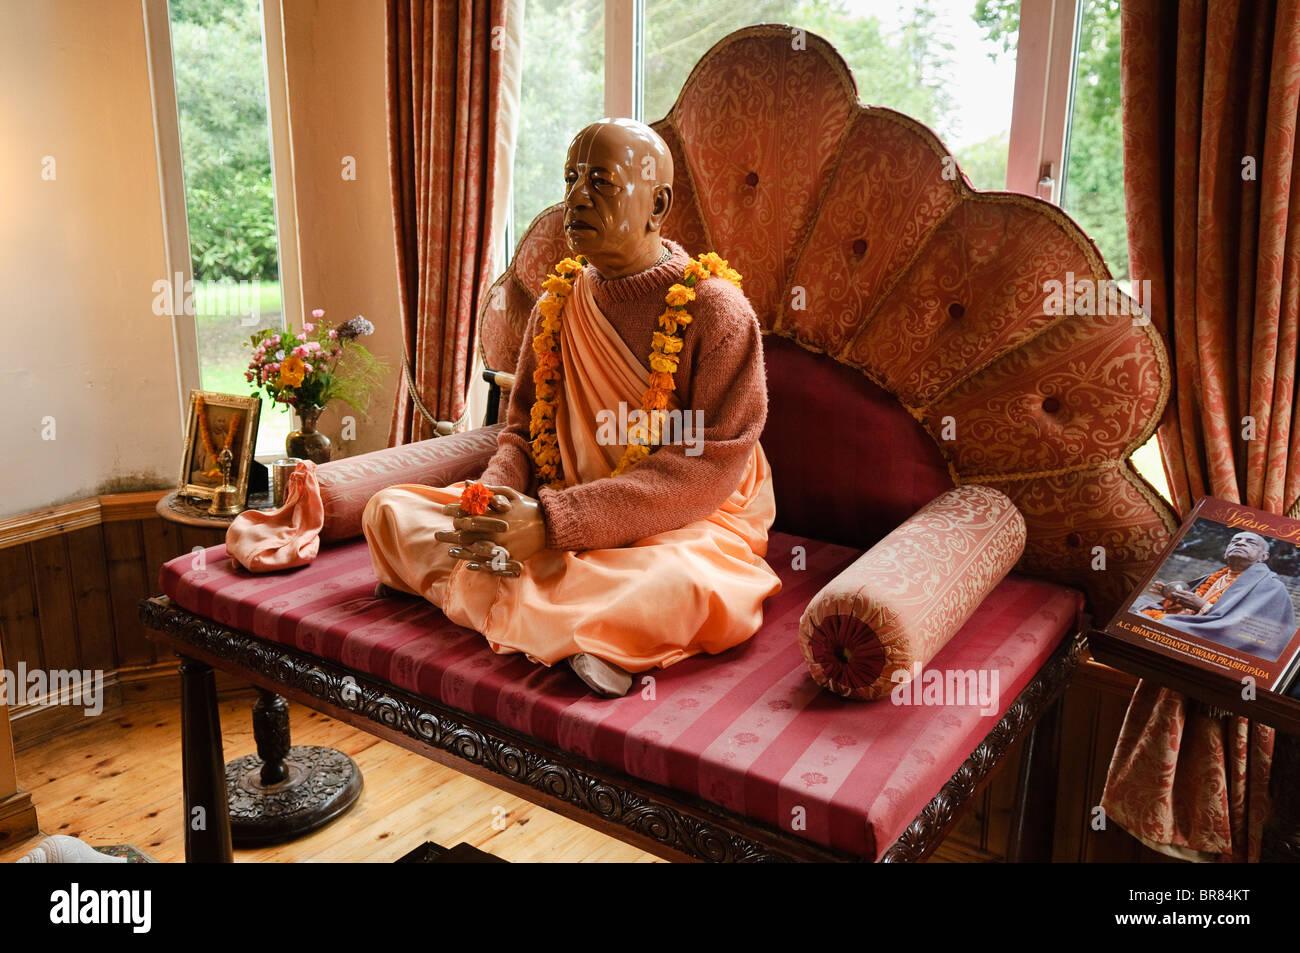 Estatua de AC Bhaktivedanta Swami Prabhupada, fundador del movimiento Hare Krishna, en un templo. Foto de stock